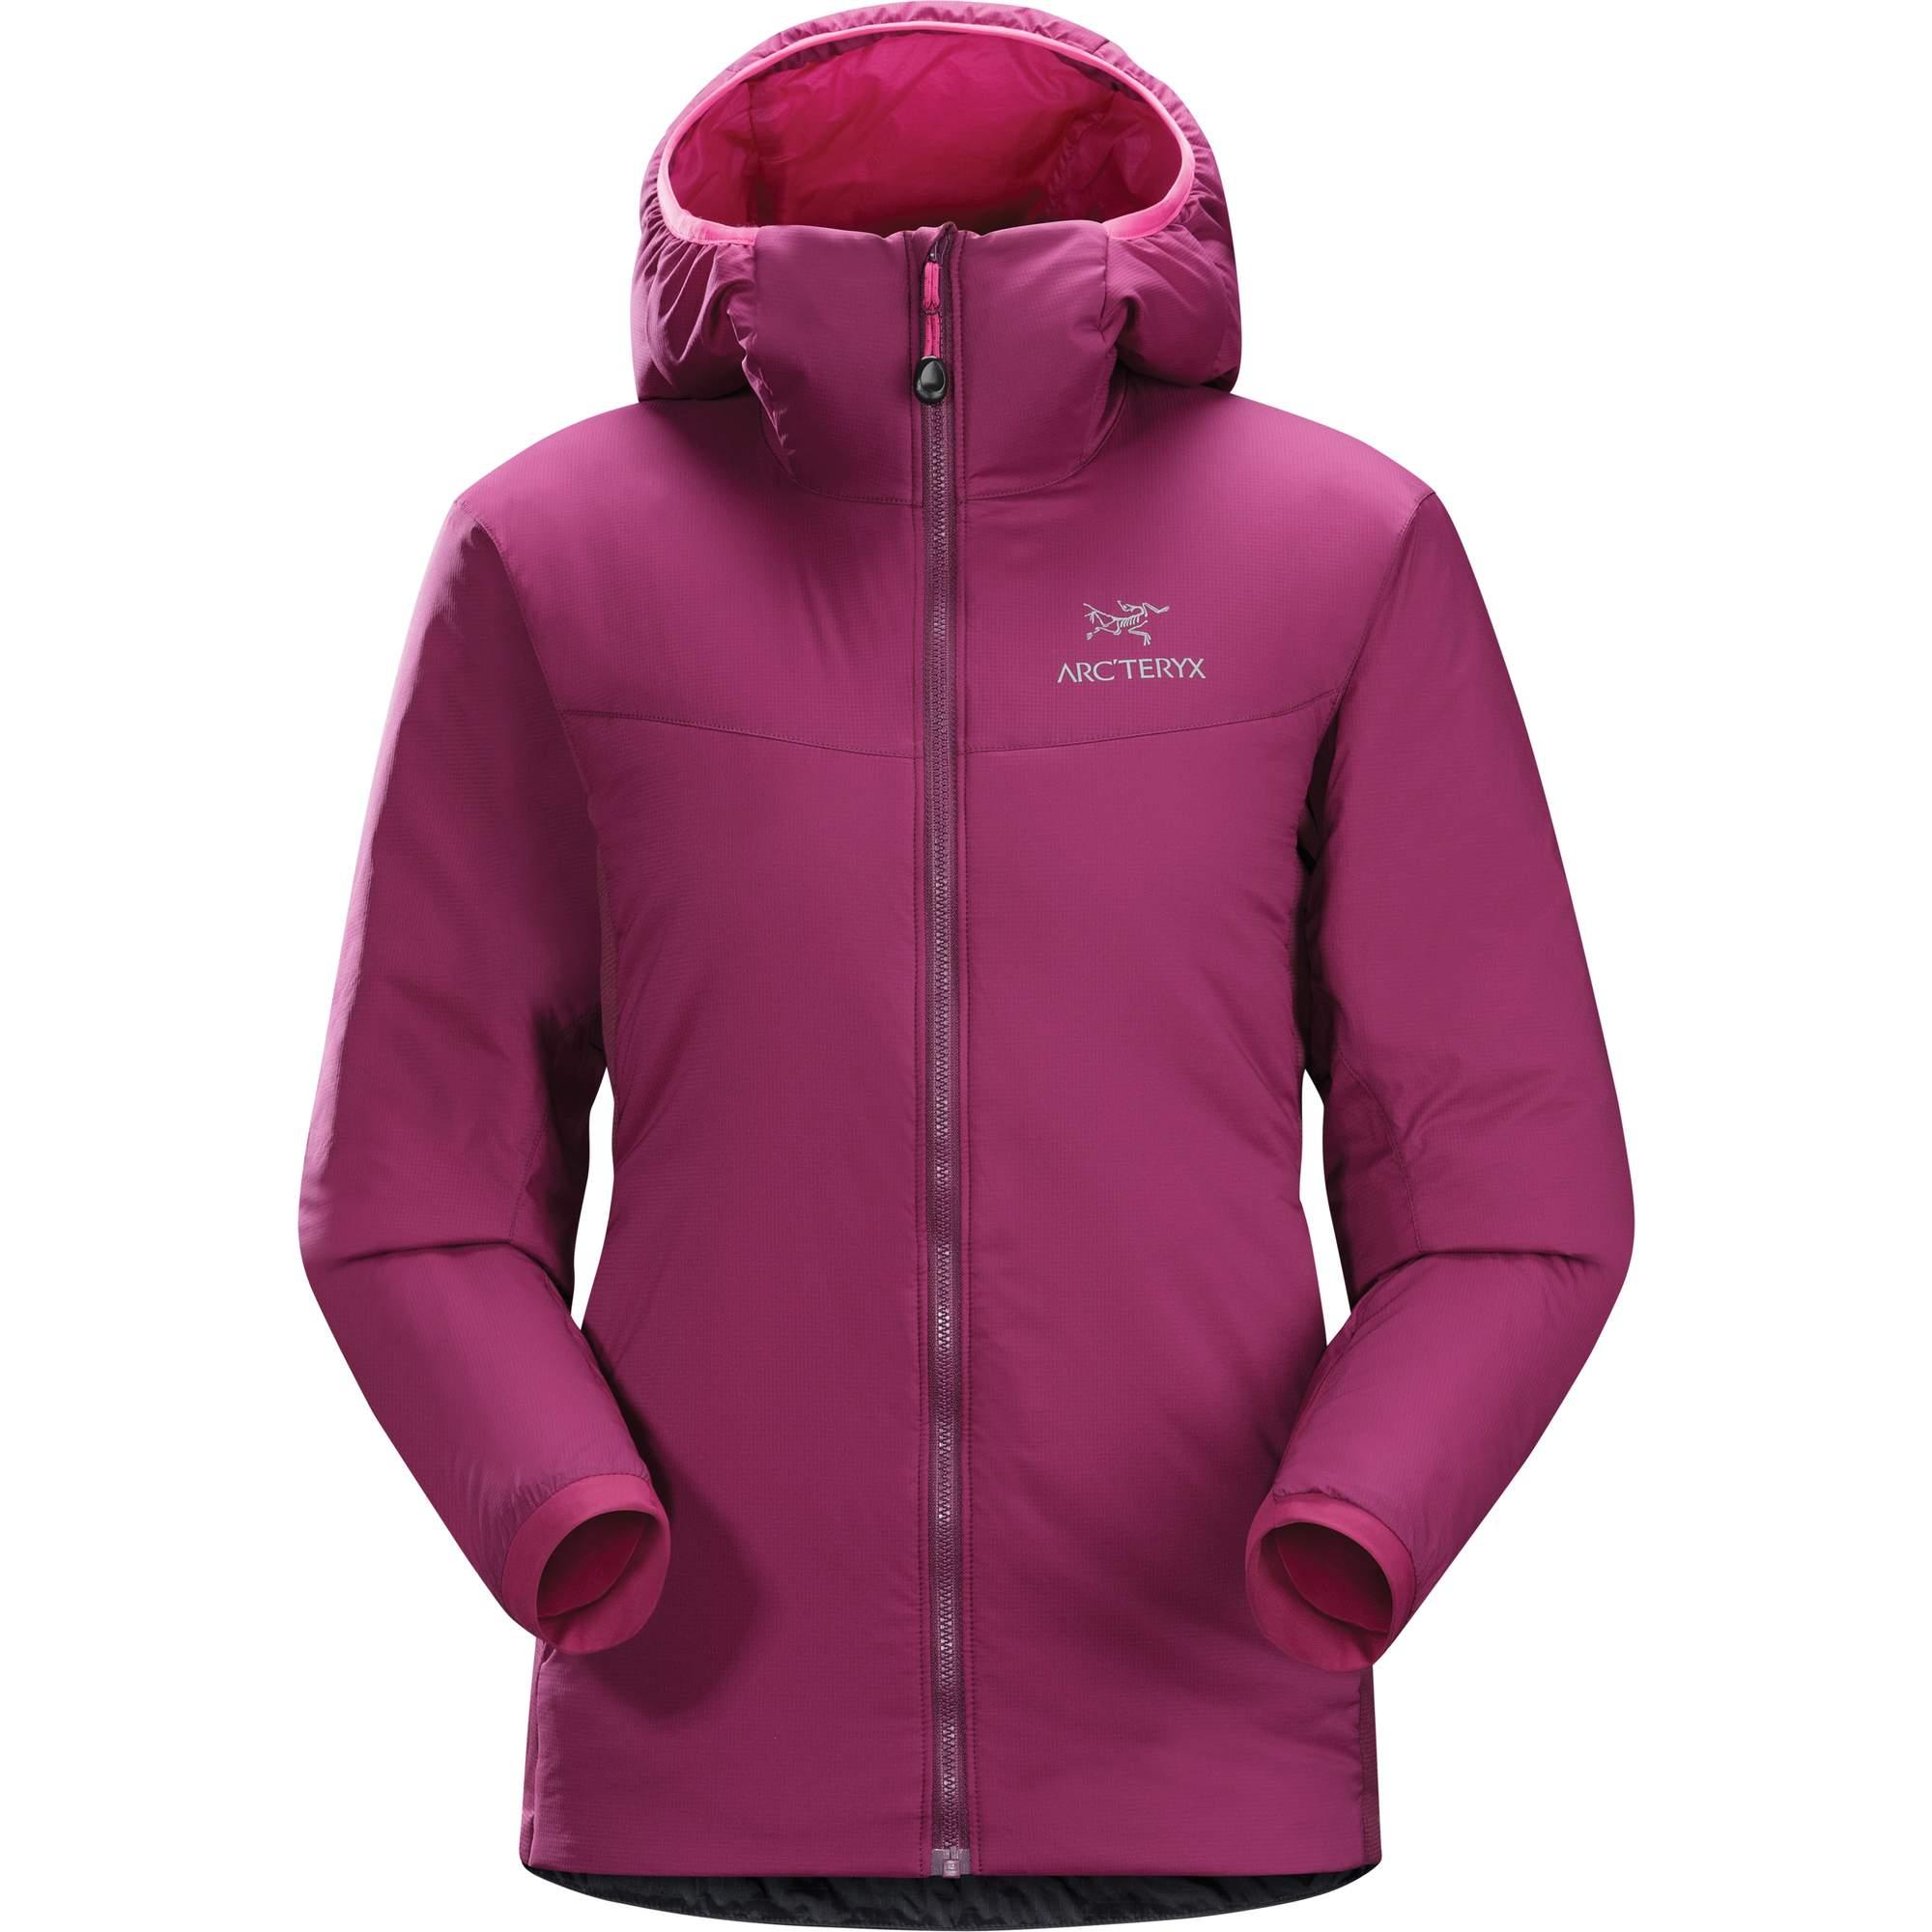 Arc'teryx Atom LT Hoody Damen Gr. XS - pink-rosa / lt chandra - Wattierte Kunstfaserjacken 269210